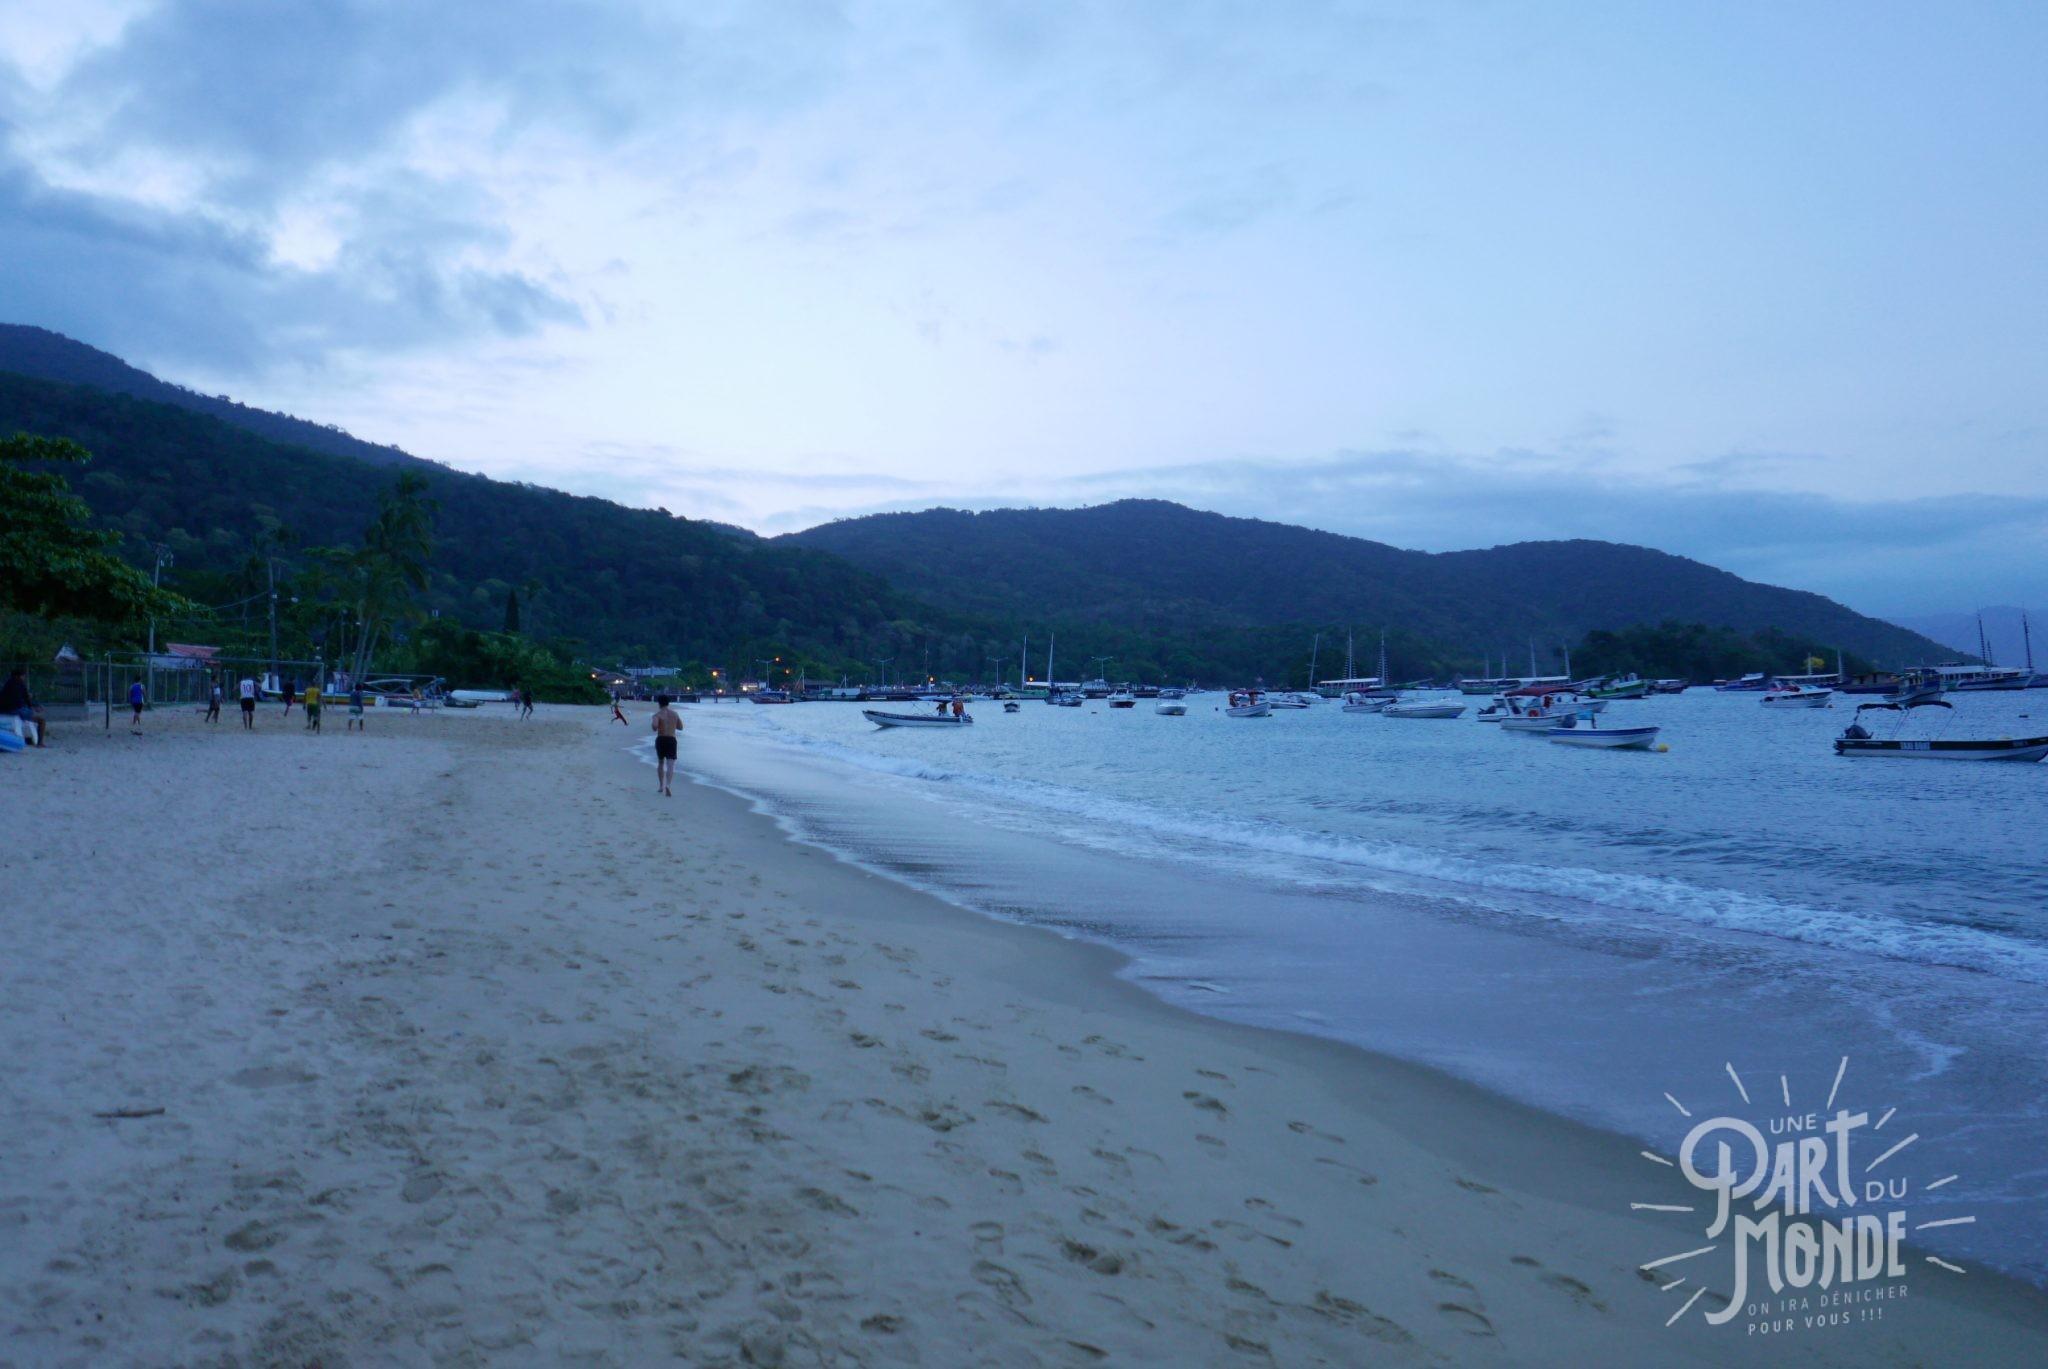 plage abraao ilha grande de nuit